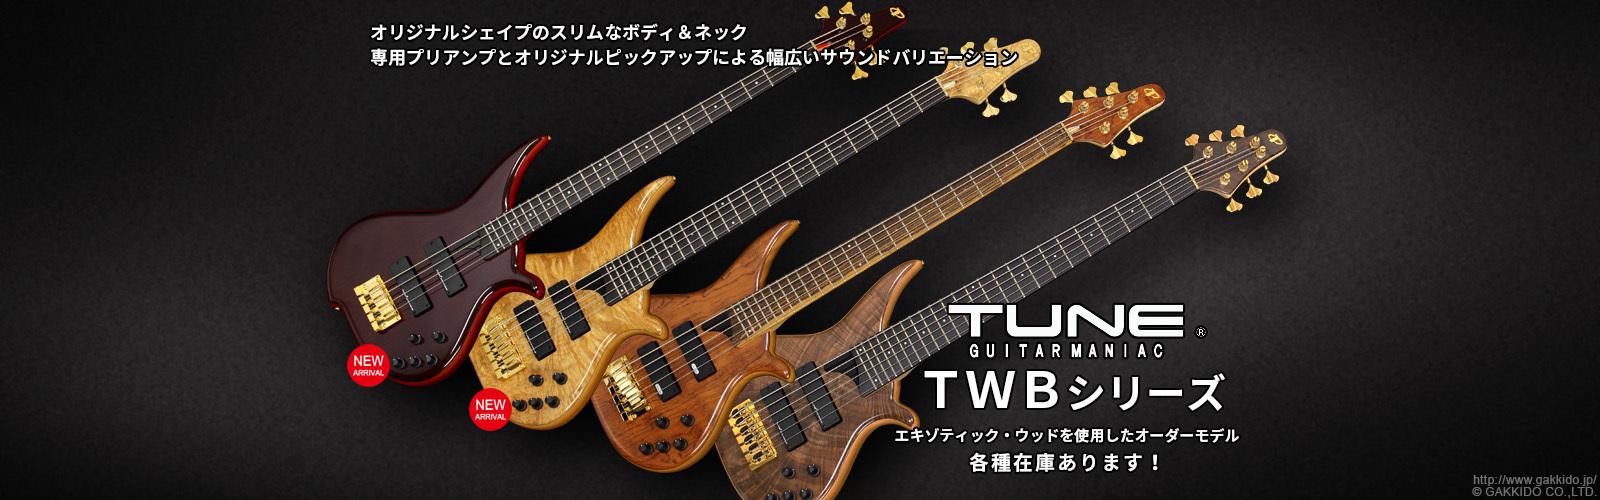 TUNE TWBシリーズ各種在庫あります!